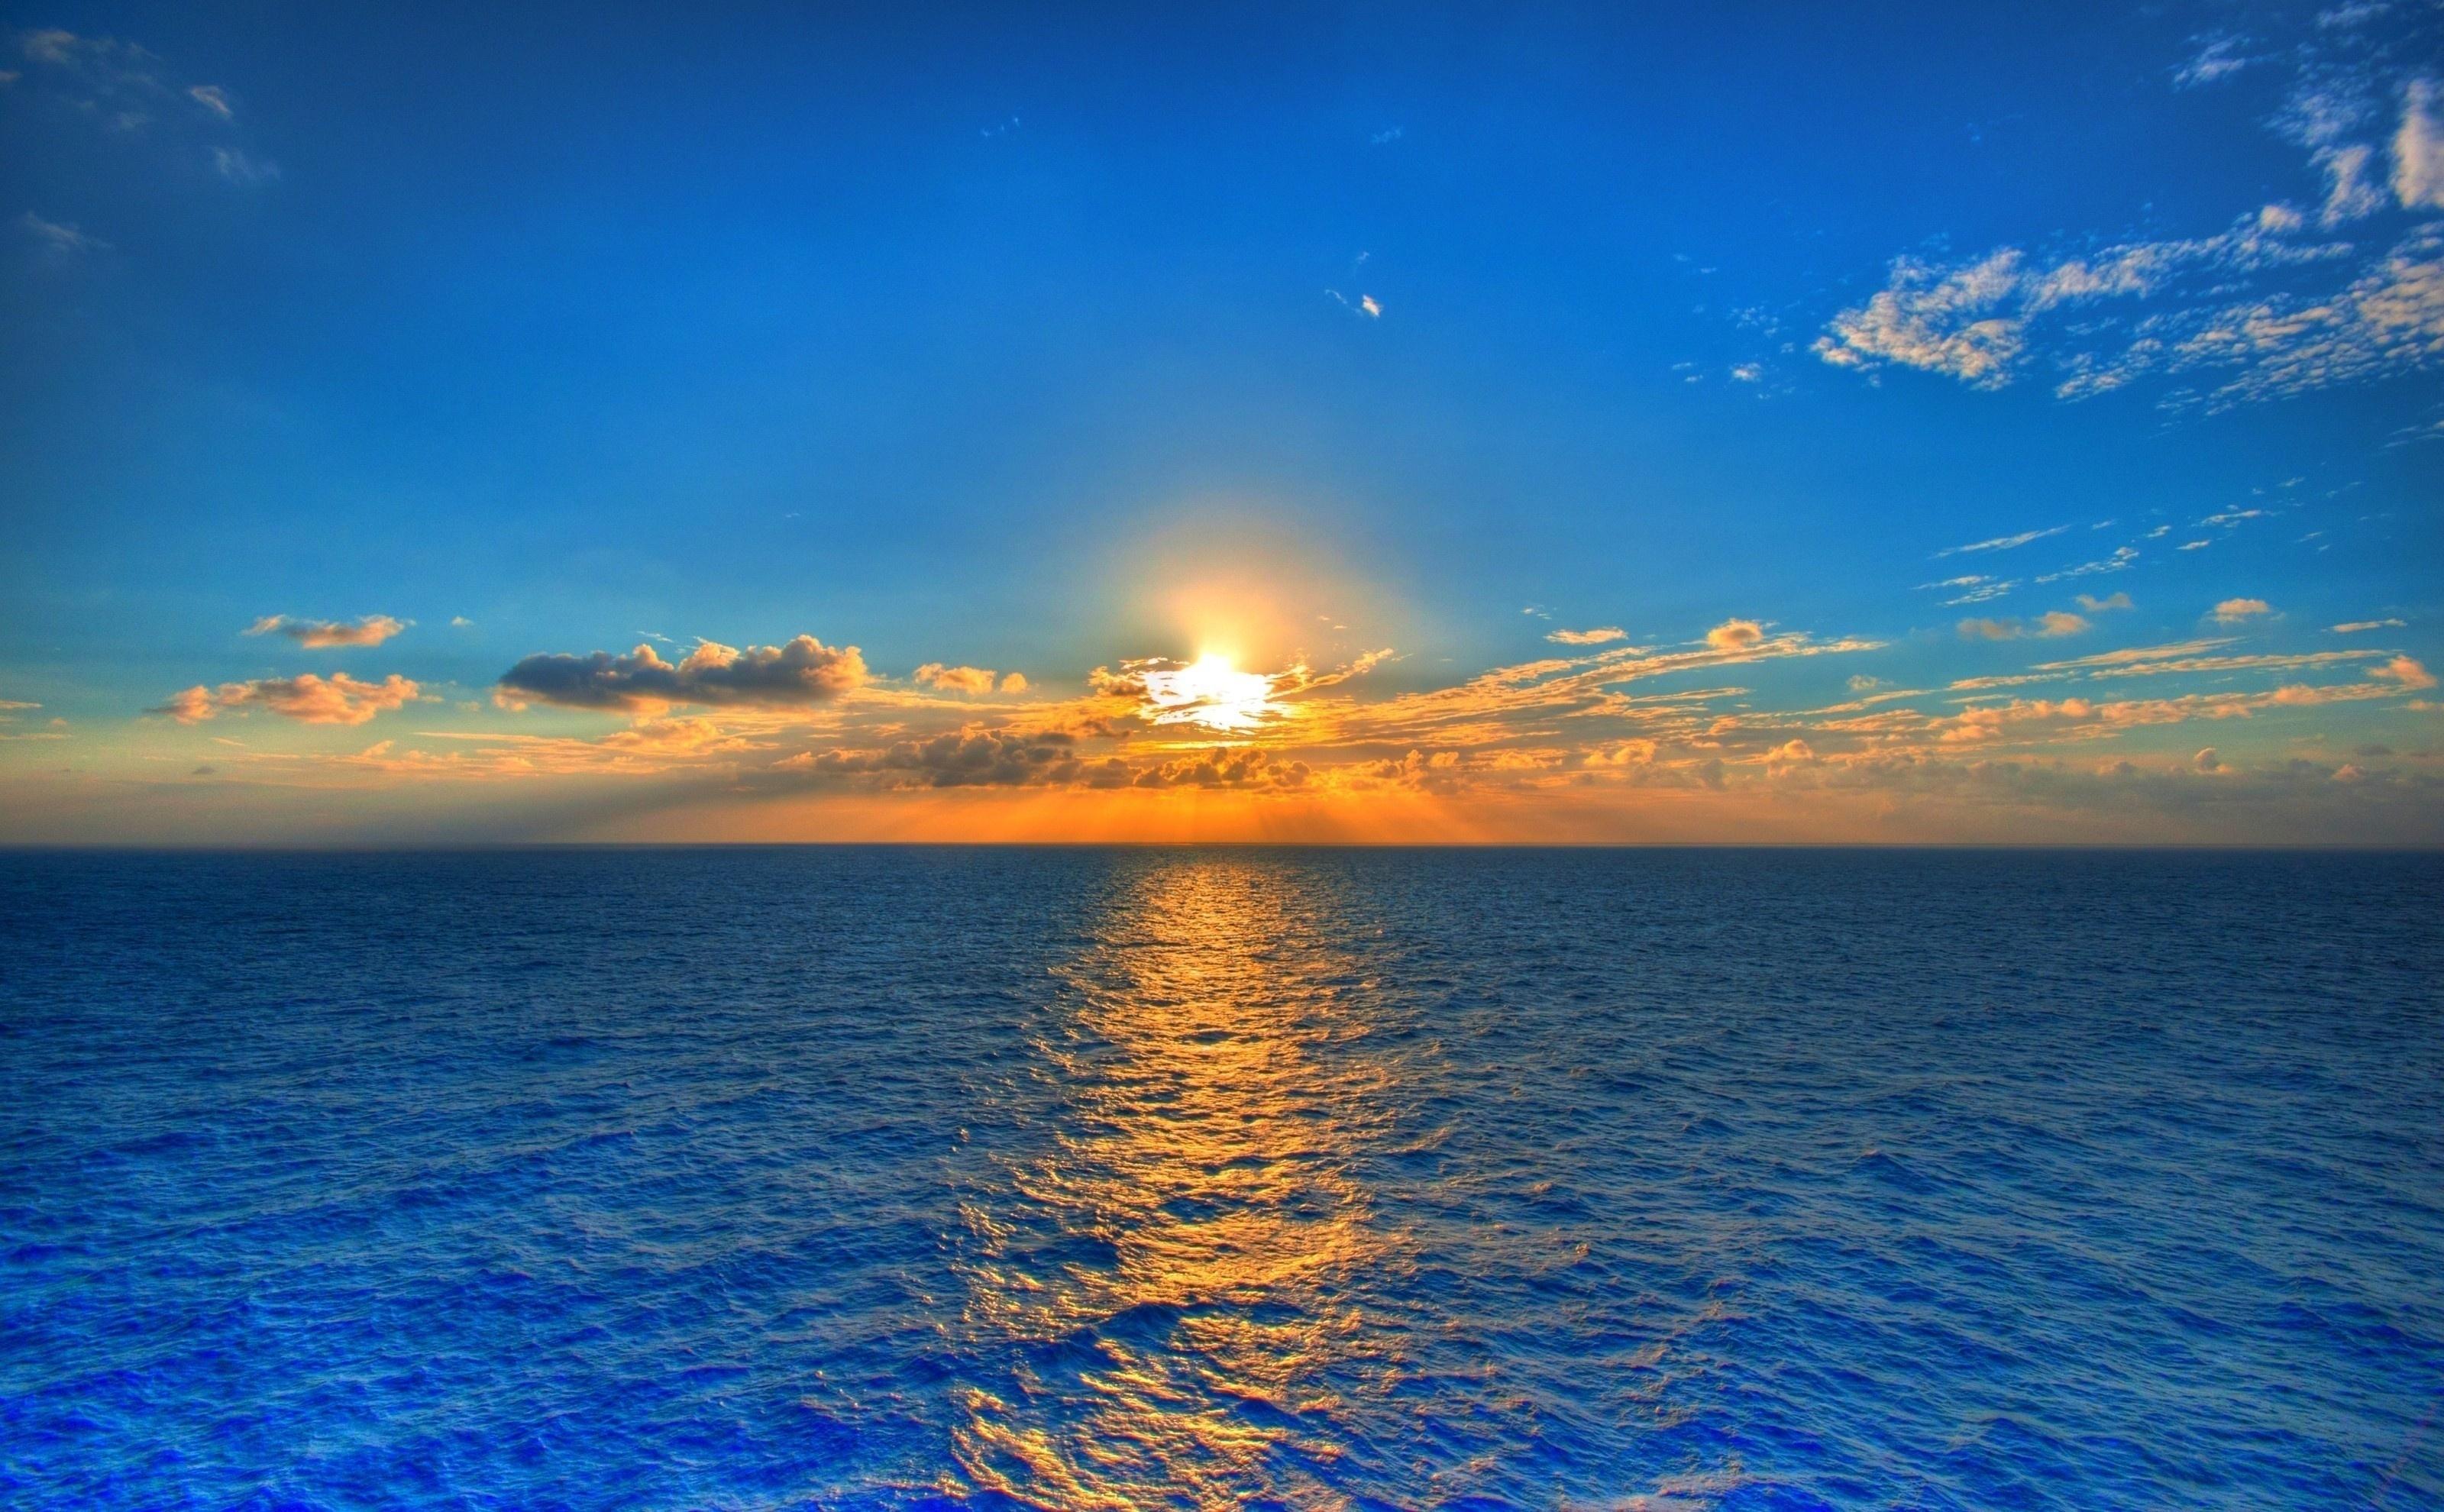 104005 скачать обои Море, Природа, Облака, Отражение, Небо, Солнце, Горизонт, Рябь, Линия, Дорожка - заставки и картинки бесплатно